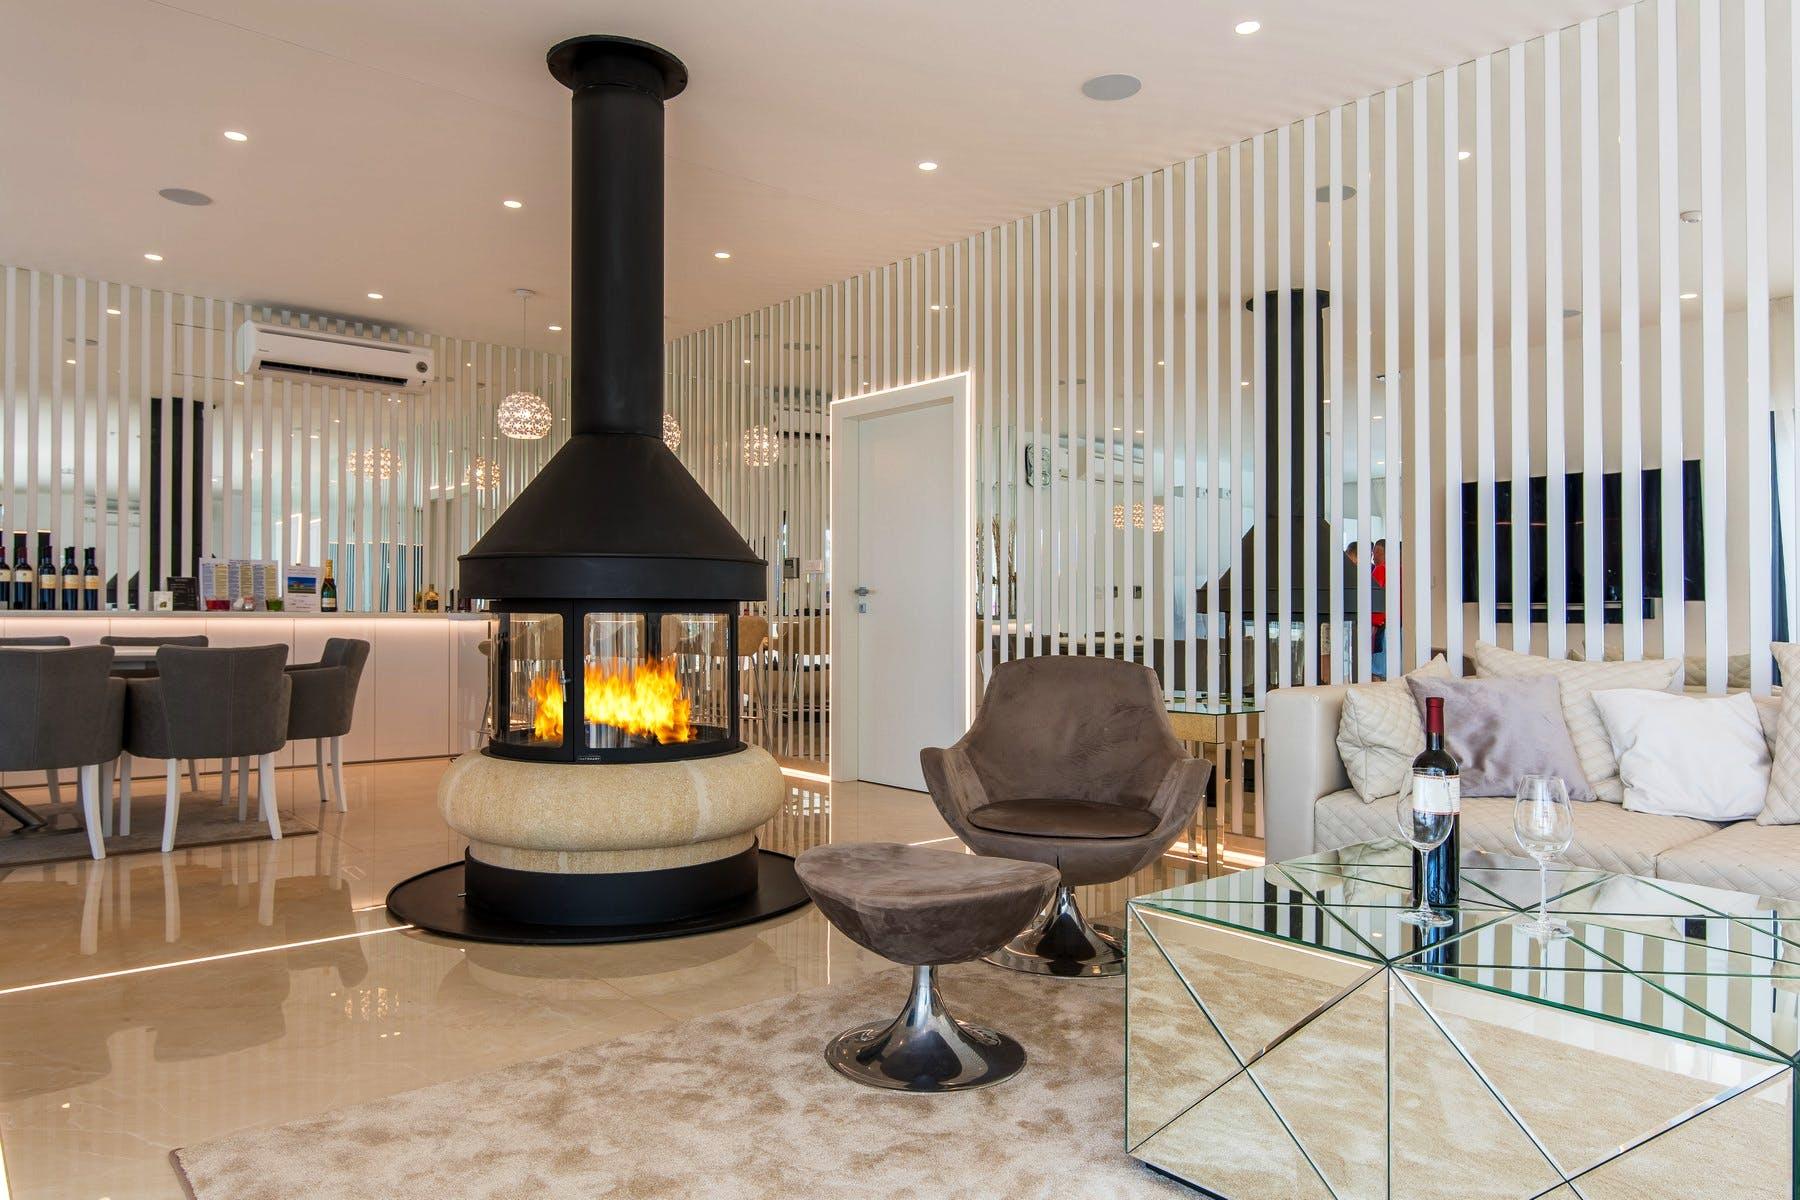 Moderni kamin u dnevnoj sobi